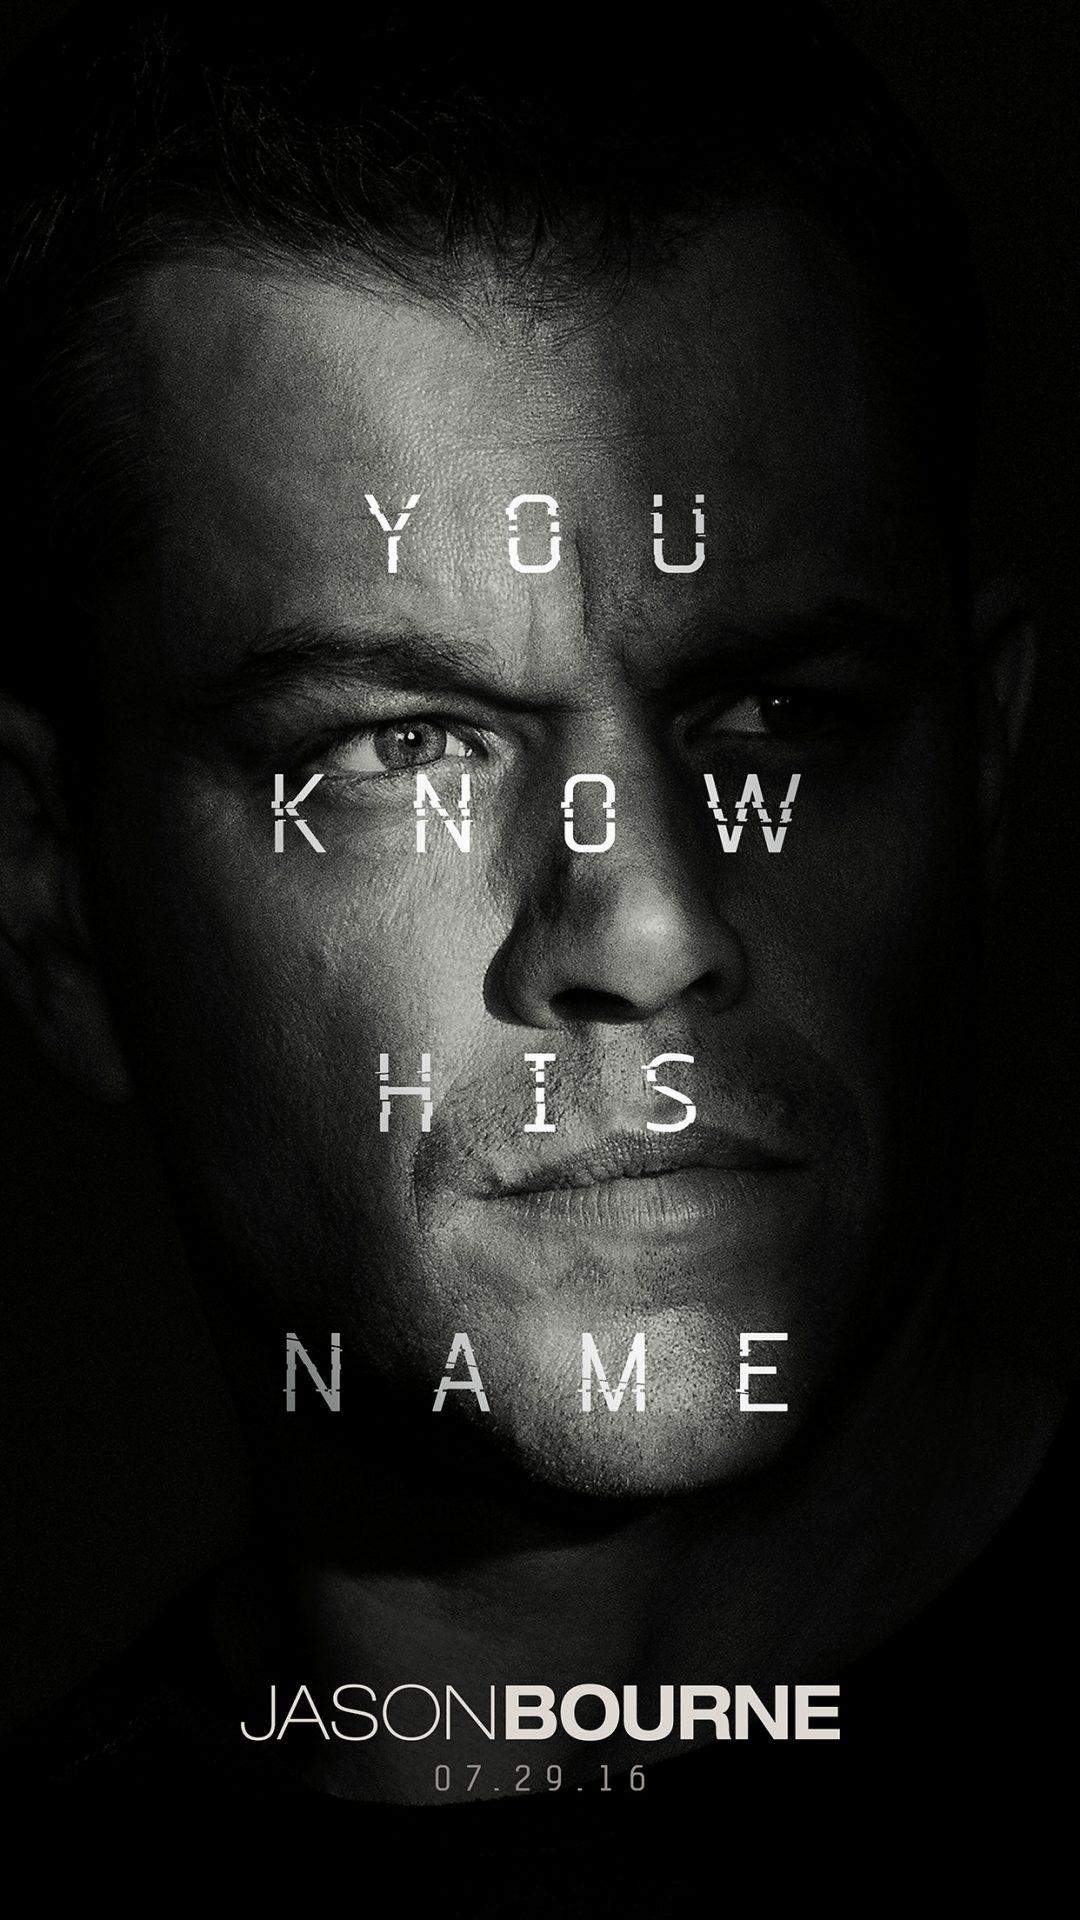 Jason Bourne Film Poster Art Illustration